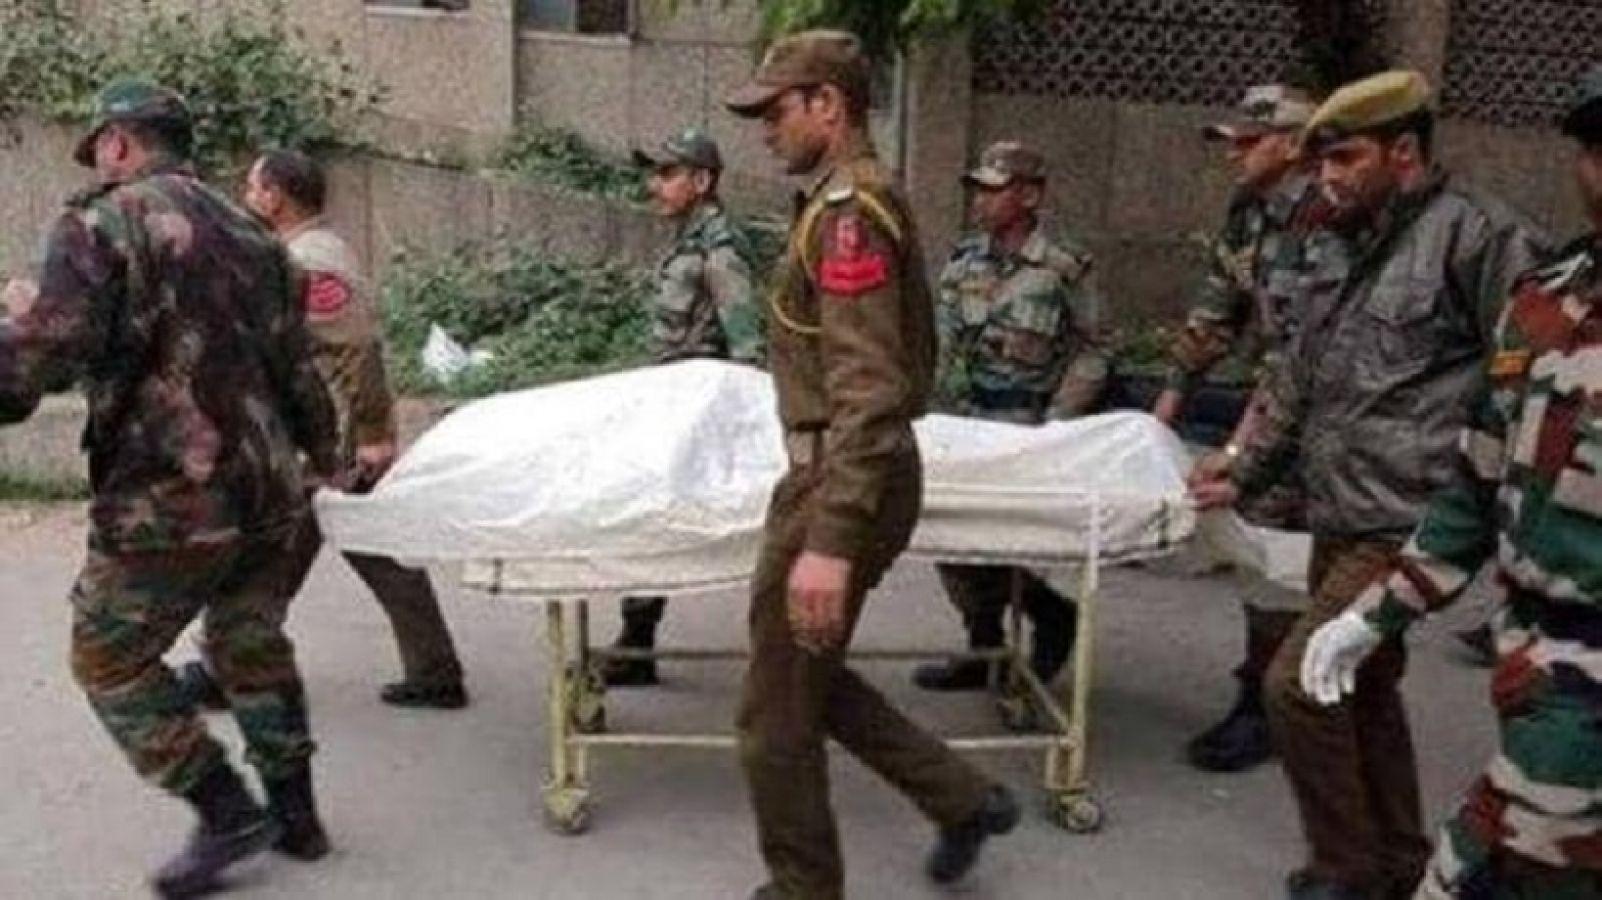 जम्मू कश्मीर: खाई में गिरने से मेजर की मौत, सेना ने अर्पित की श्रद्धांजलि